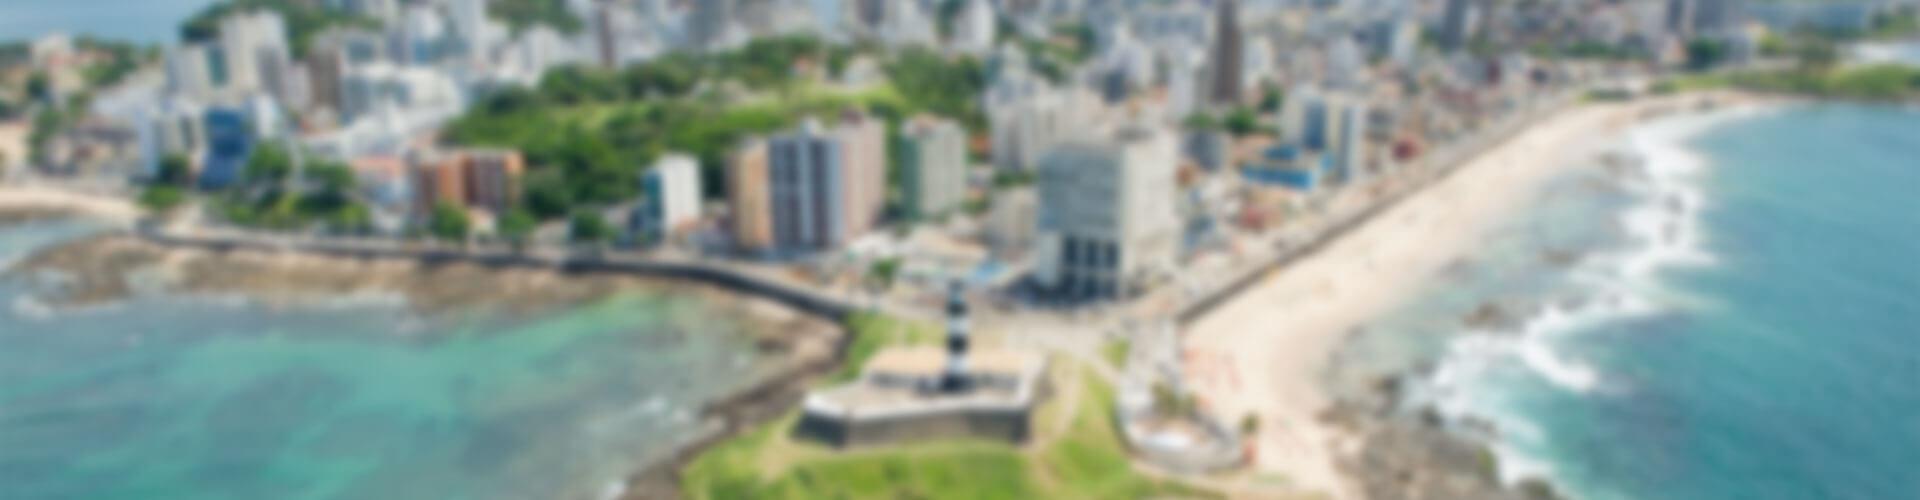 slide-eletro01